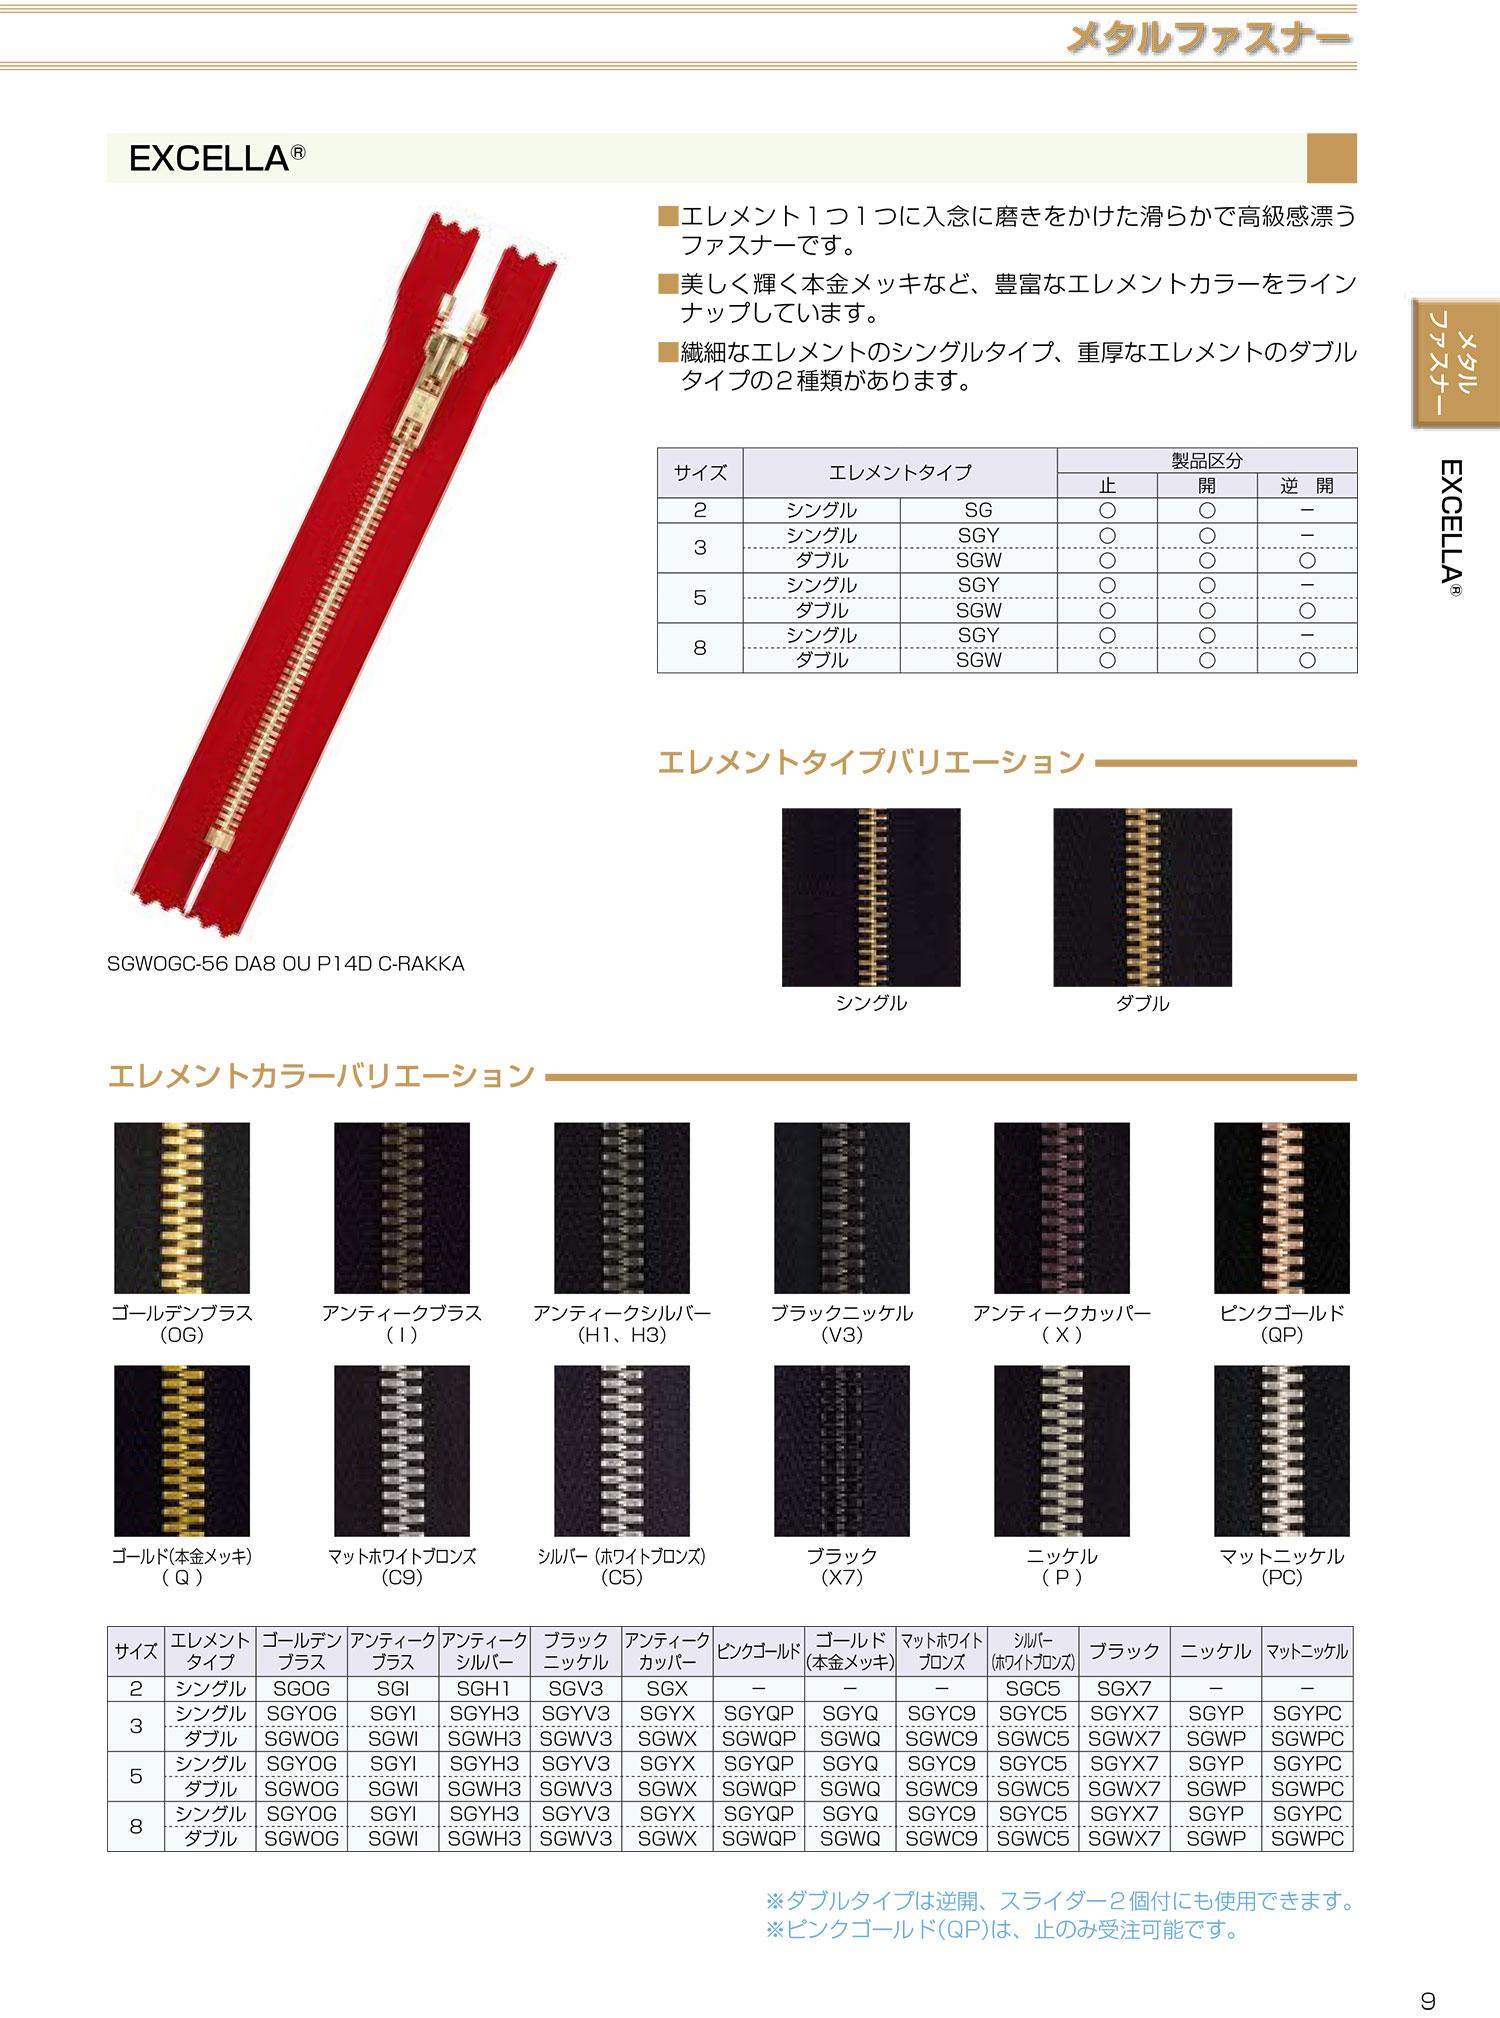 2SGX7C エクセラ 2サイズ ブラック 止め シングル[ファスナー] YKK/オークラ商事 - ApparelX アパレル資材卸通販